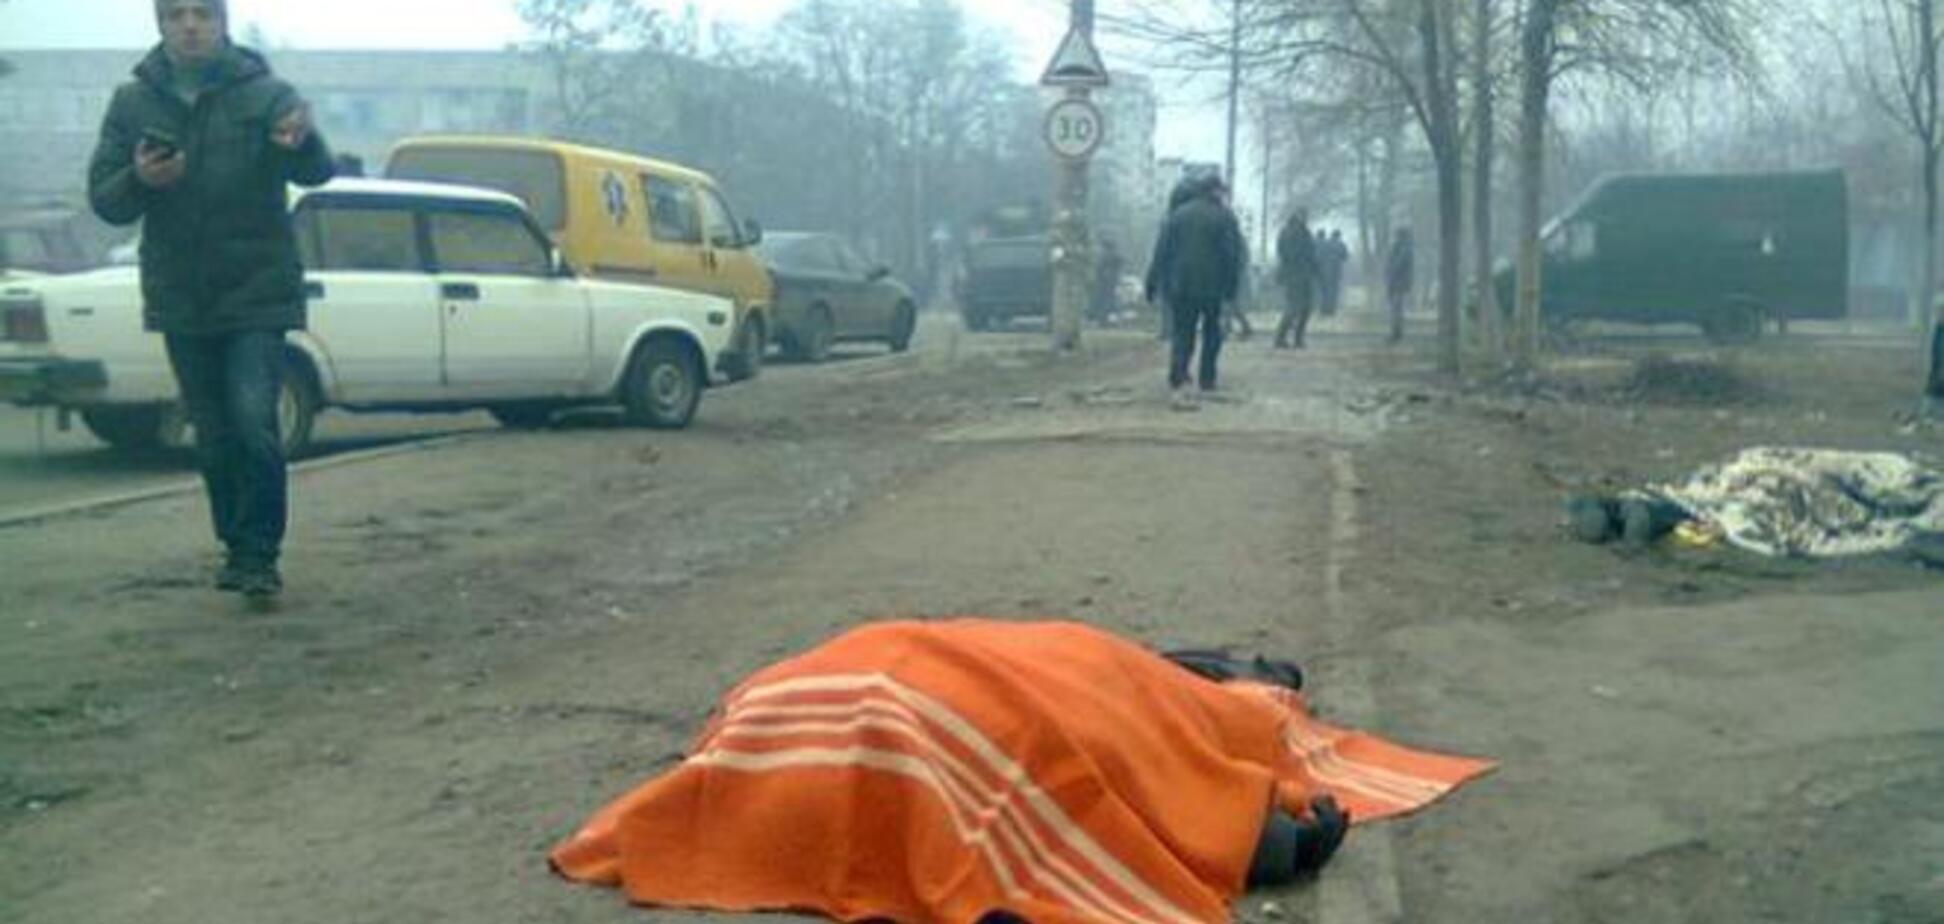 Теракт в Мариуполе унес жизни 16 человек, 83 раненых